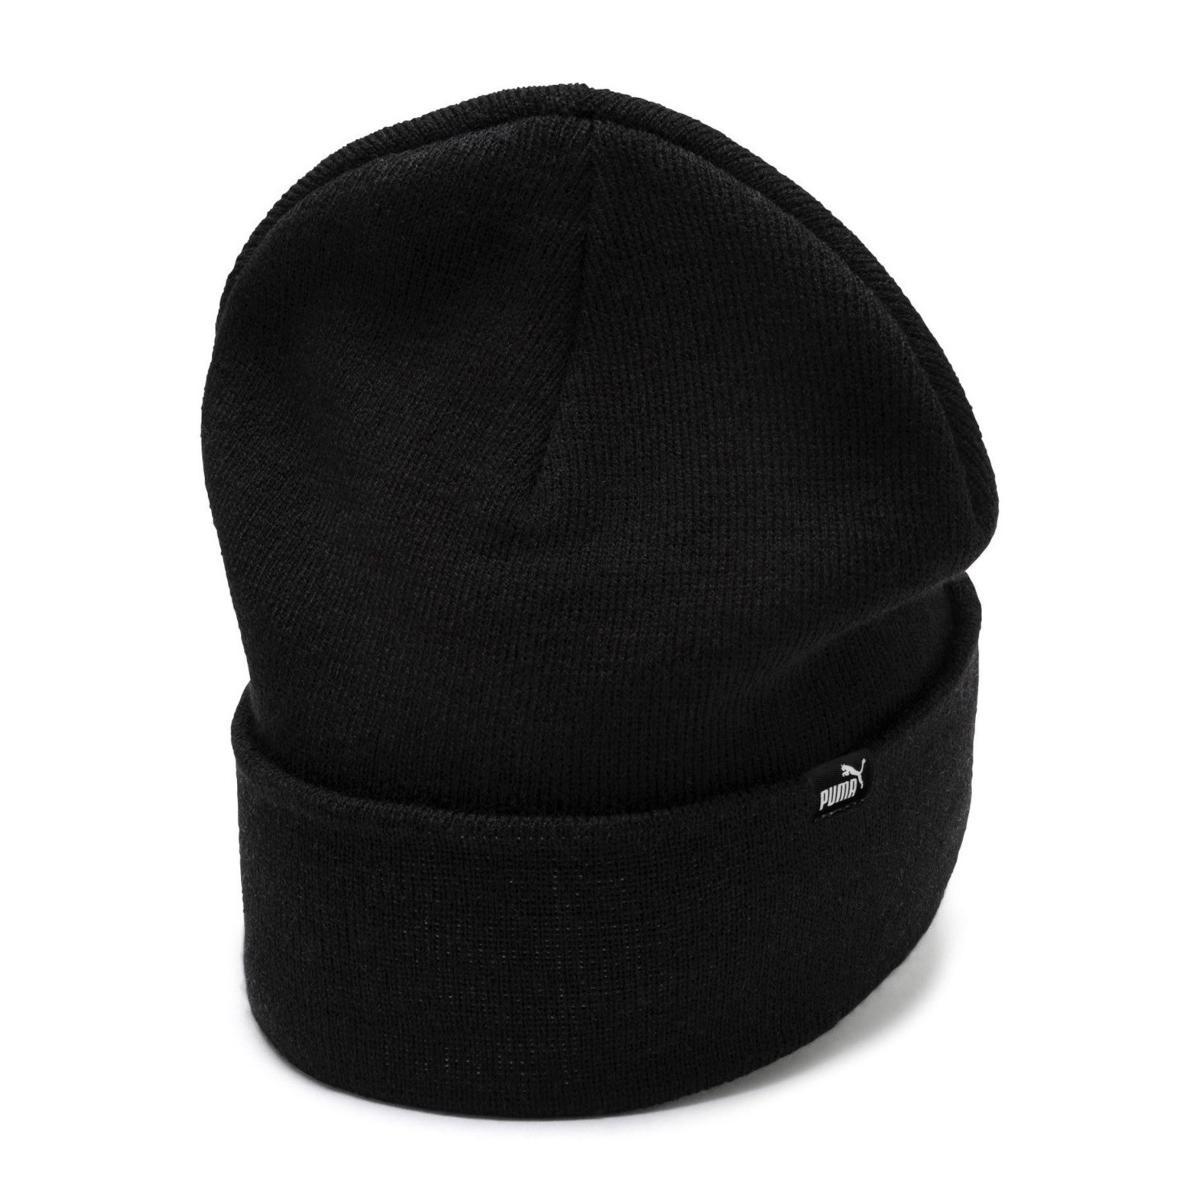 Berretto cappello Puma Mid Fit Beanie classico con stampa unisex rif. 021708